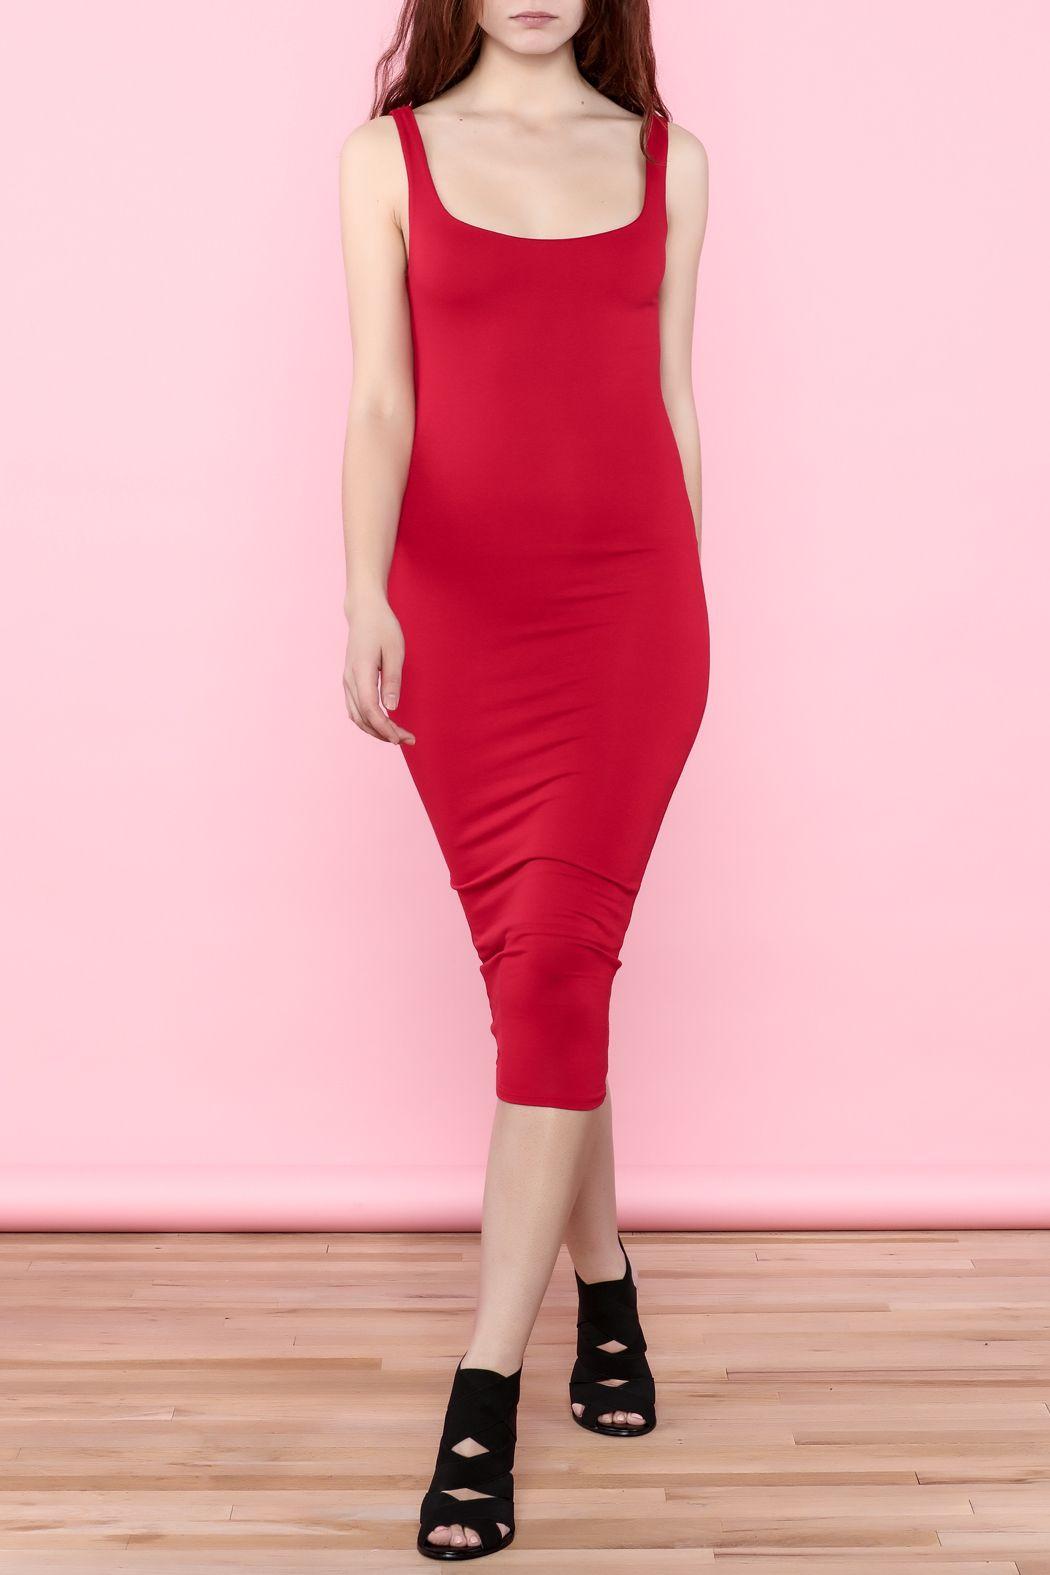 Red Midi Dress Red Midi Dress Dresses Midi Dress [ 1575 x 1050 Pixel ]